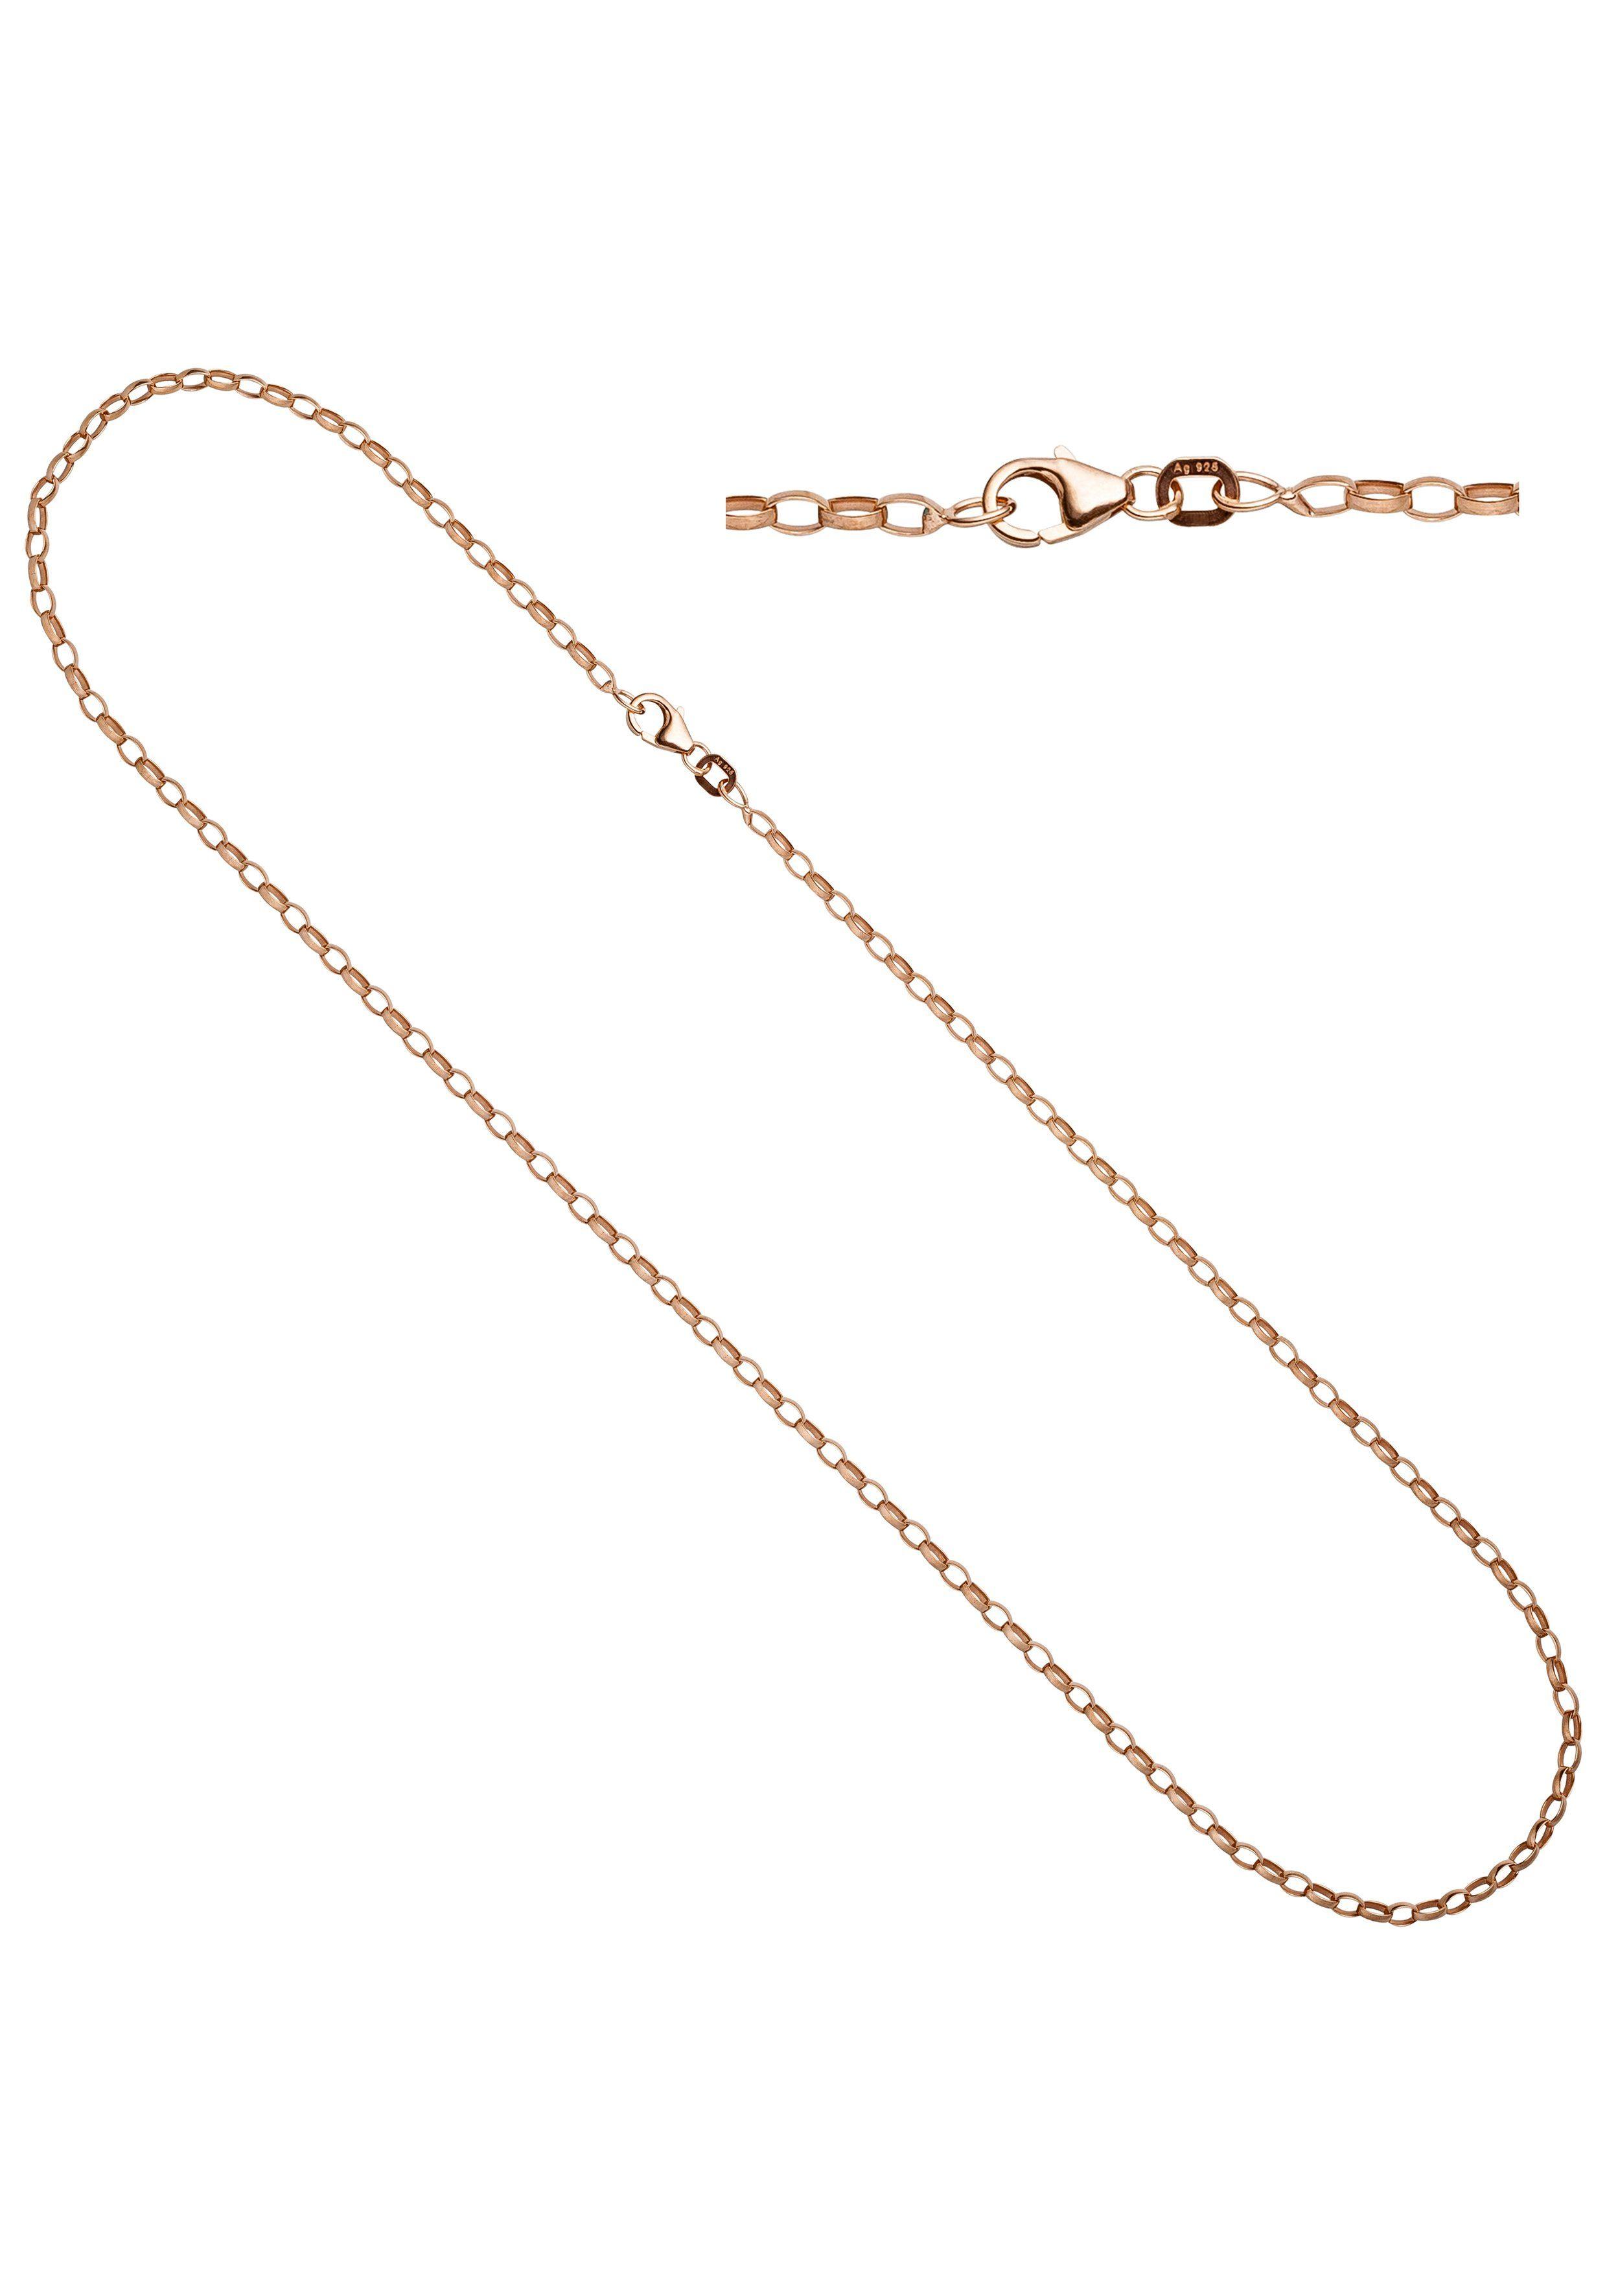 JOBO Kette ohne Anhänger Ankerkette 925 Silber roségold vergoldet 70 cm